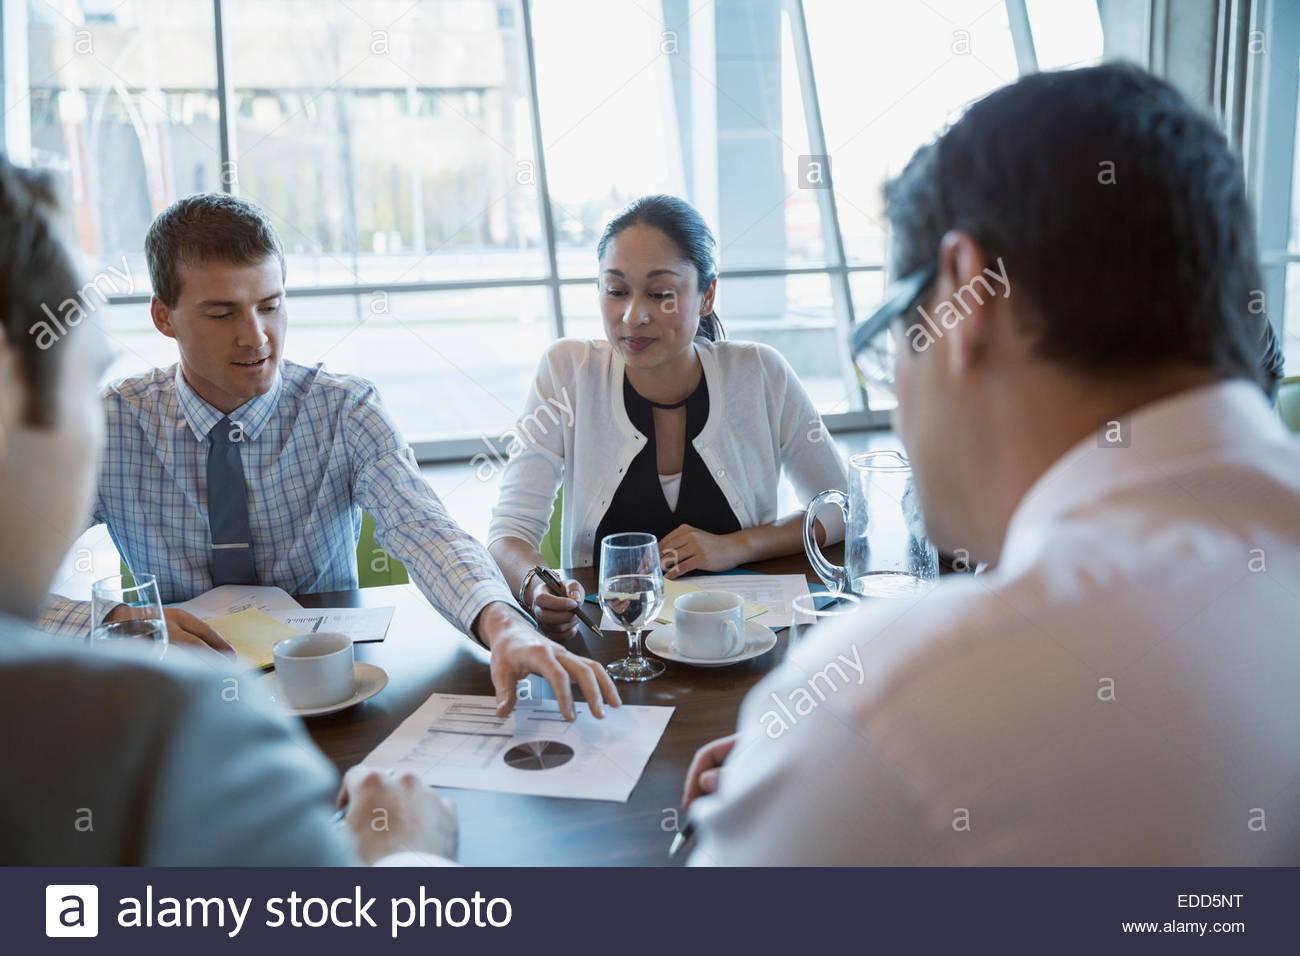 La gente di affari che discutono dei dati nella sala conferenza incontro Immagini Stock